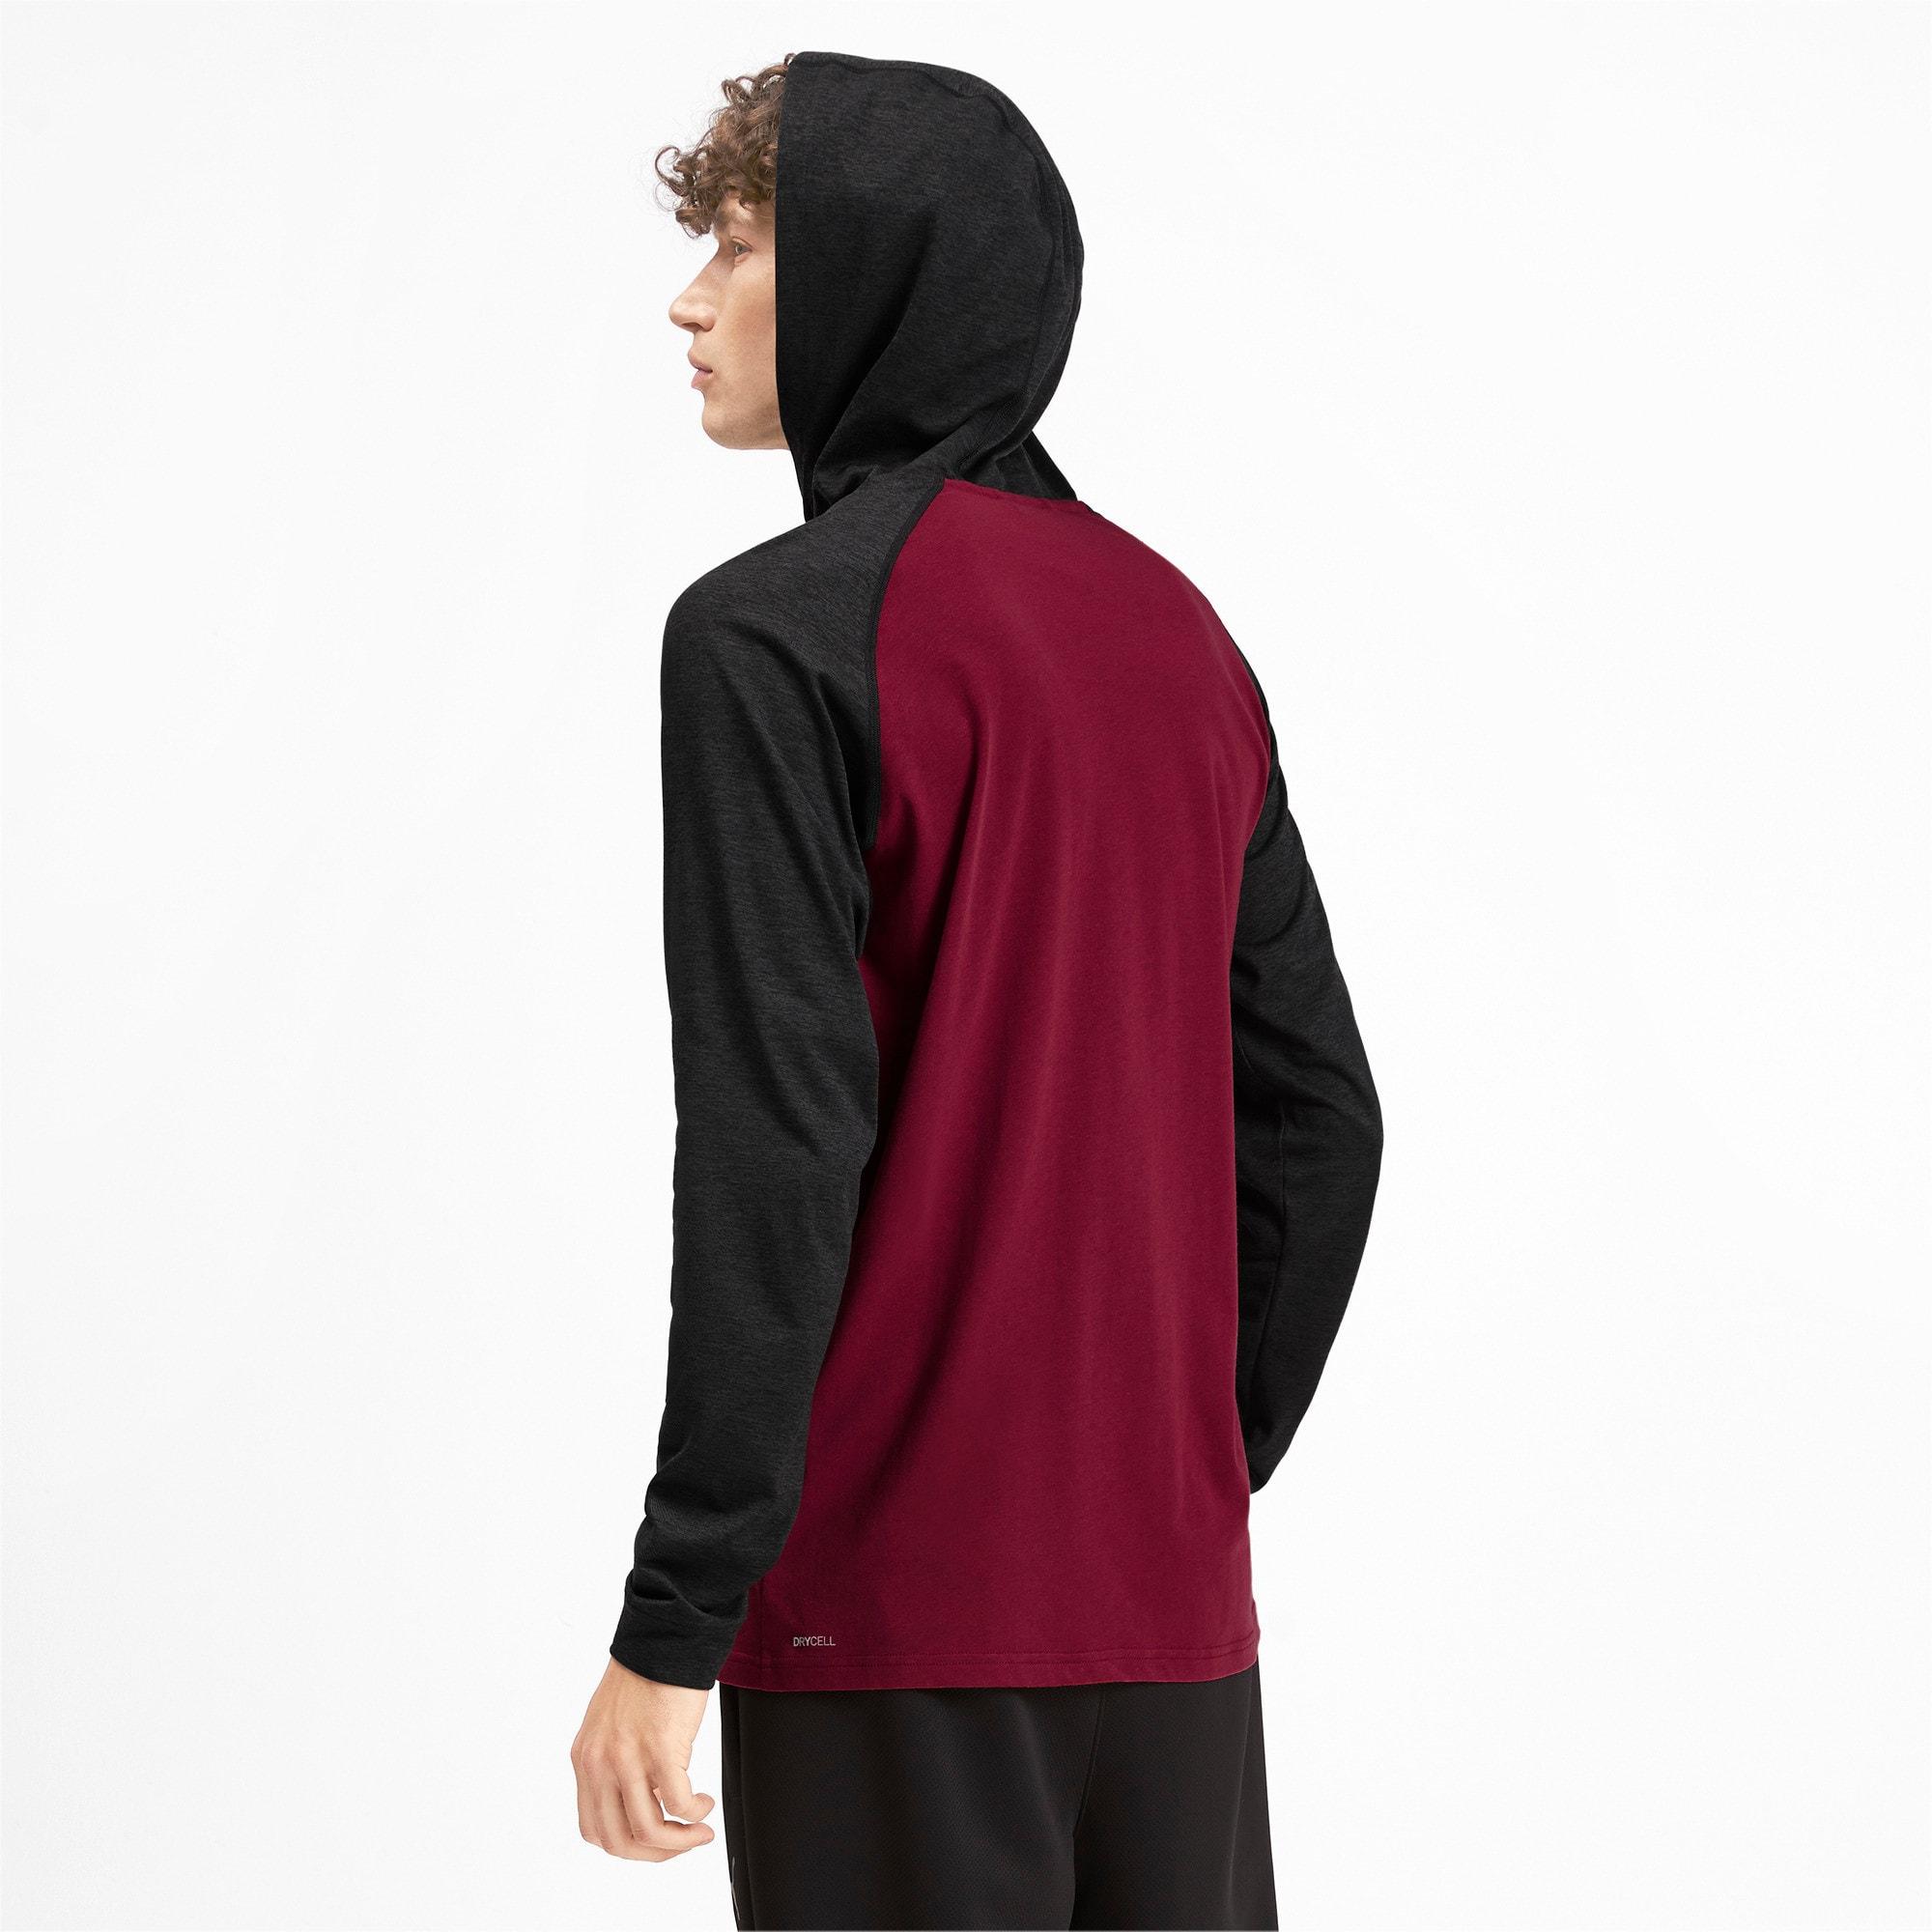 Miniatura 3 de Camiseta Collective con capucha y mangas largas para hombre, Rhubarb-Puma Black Heather, mediano